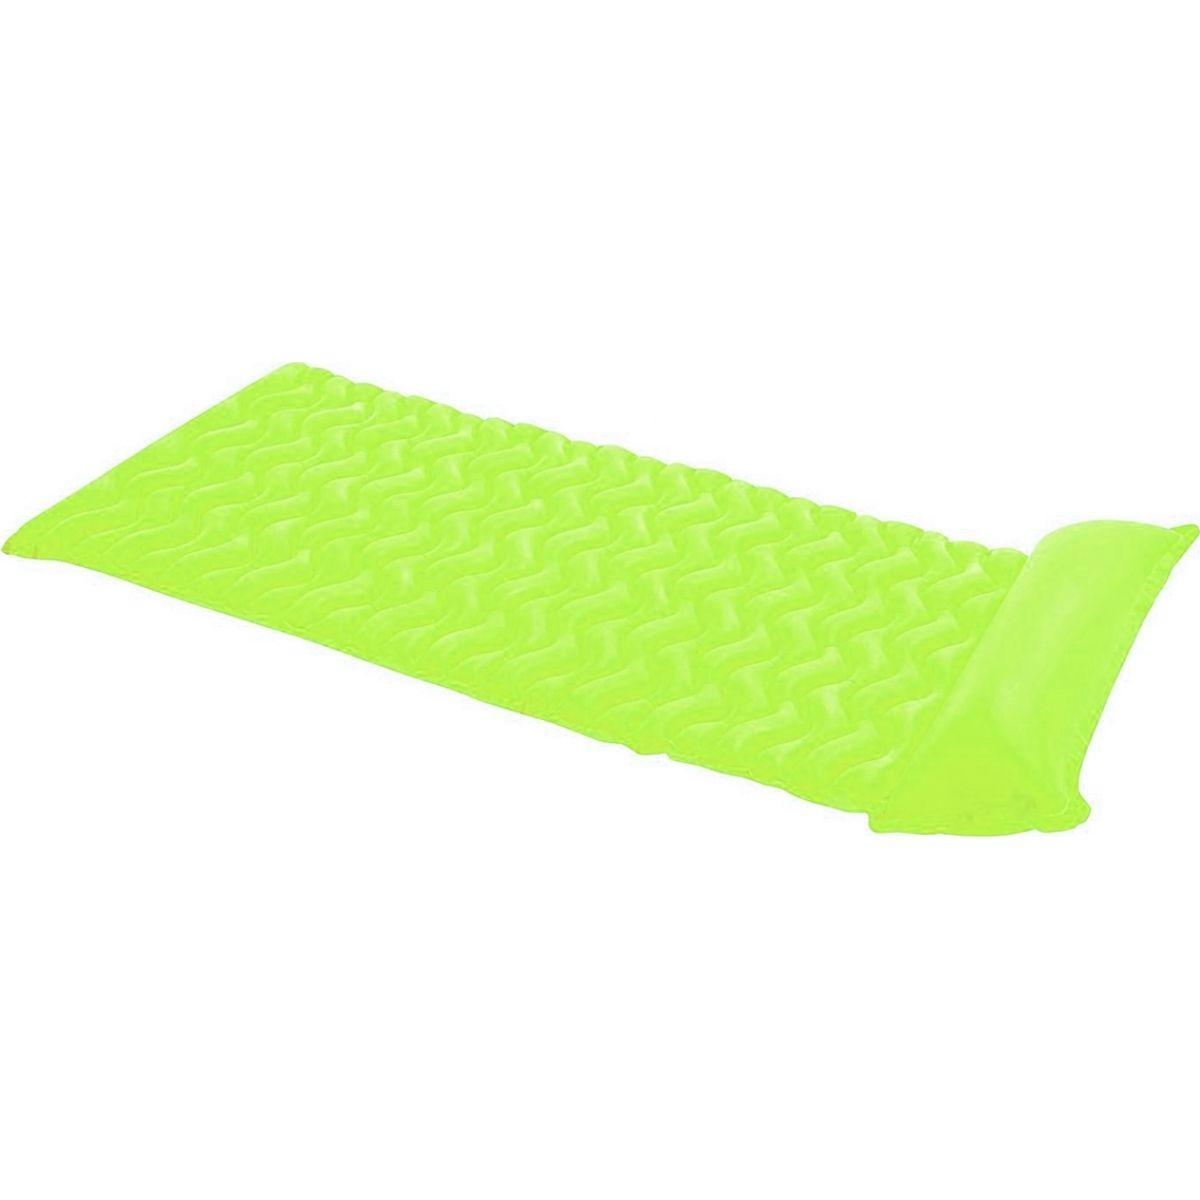 Intex 58807 Nafukovacie lehátko rolovacie 229 x 86 cm - zelená